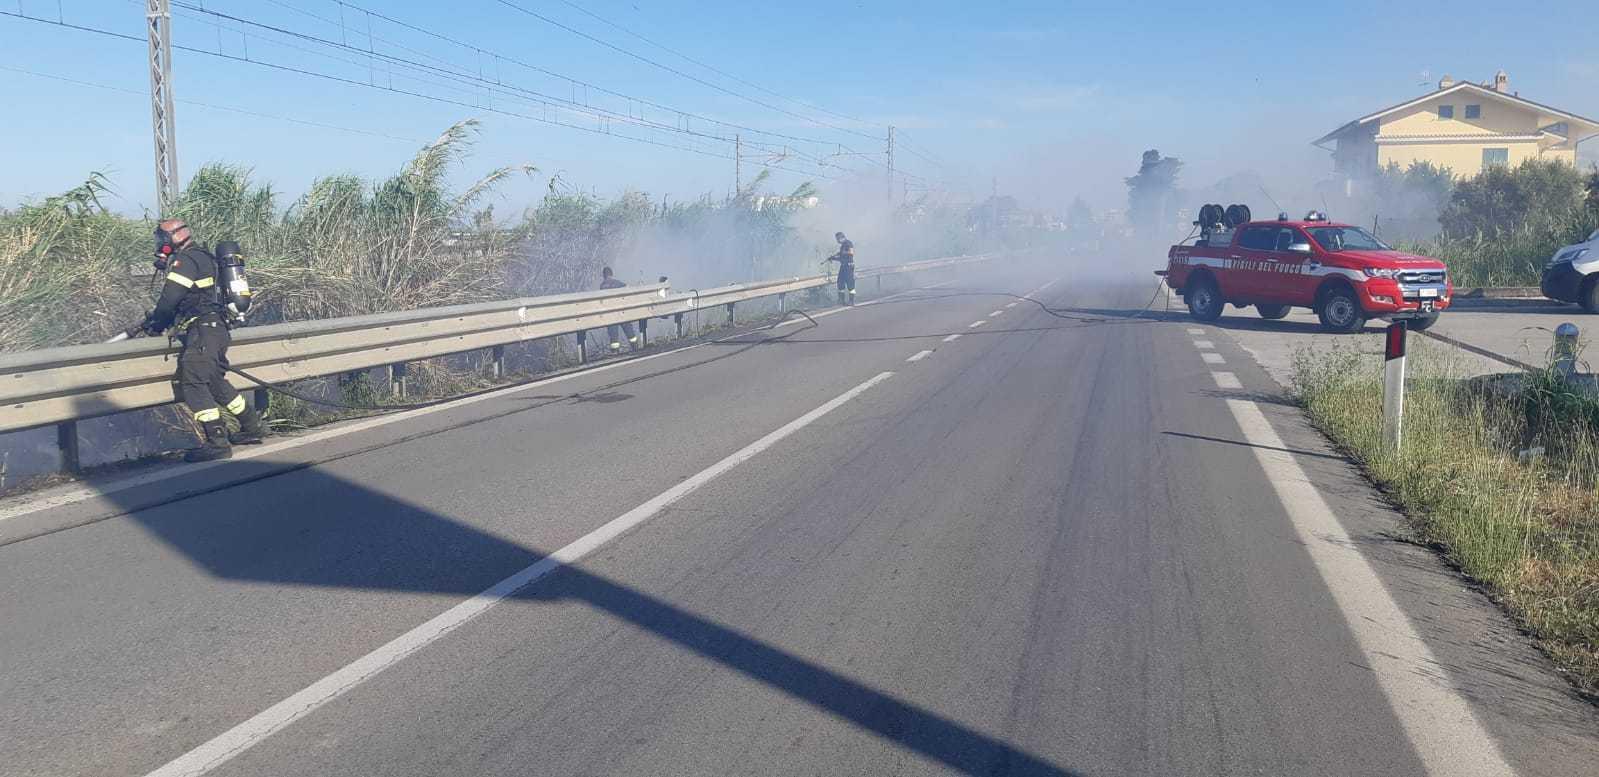 Incendio nei pressi della ferrovia tra Silvi e Pineto: la causa lo scintillio di un treno